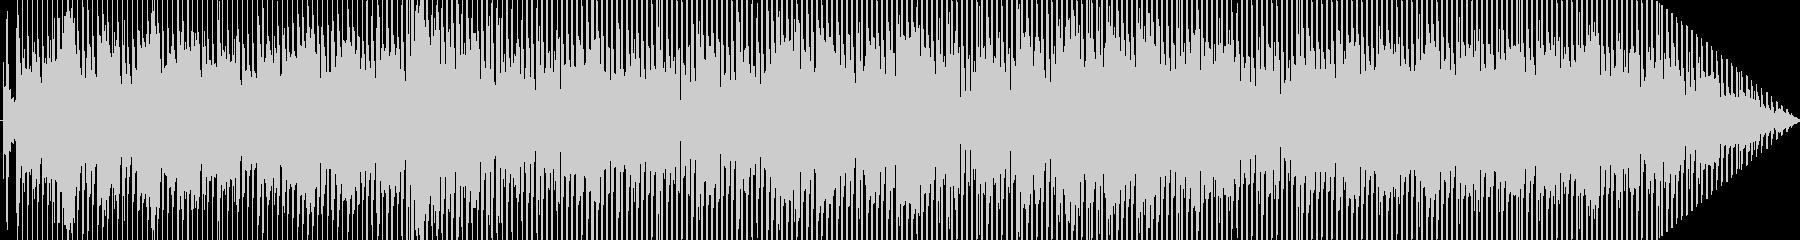 ファンキーでブルージーの未再生の波形